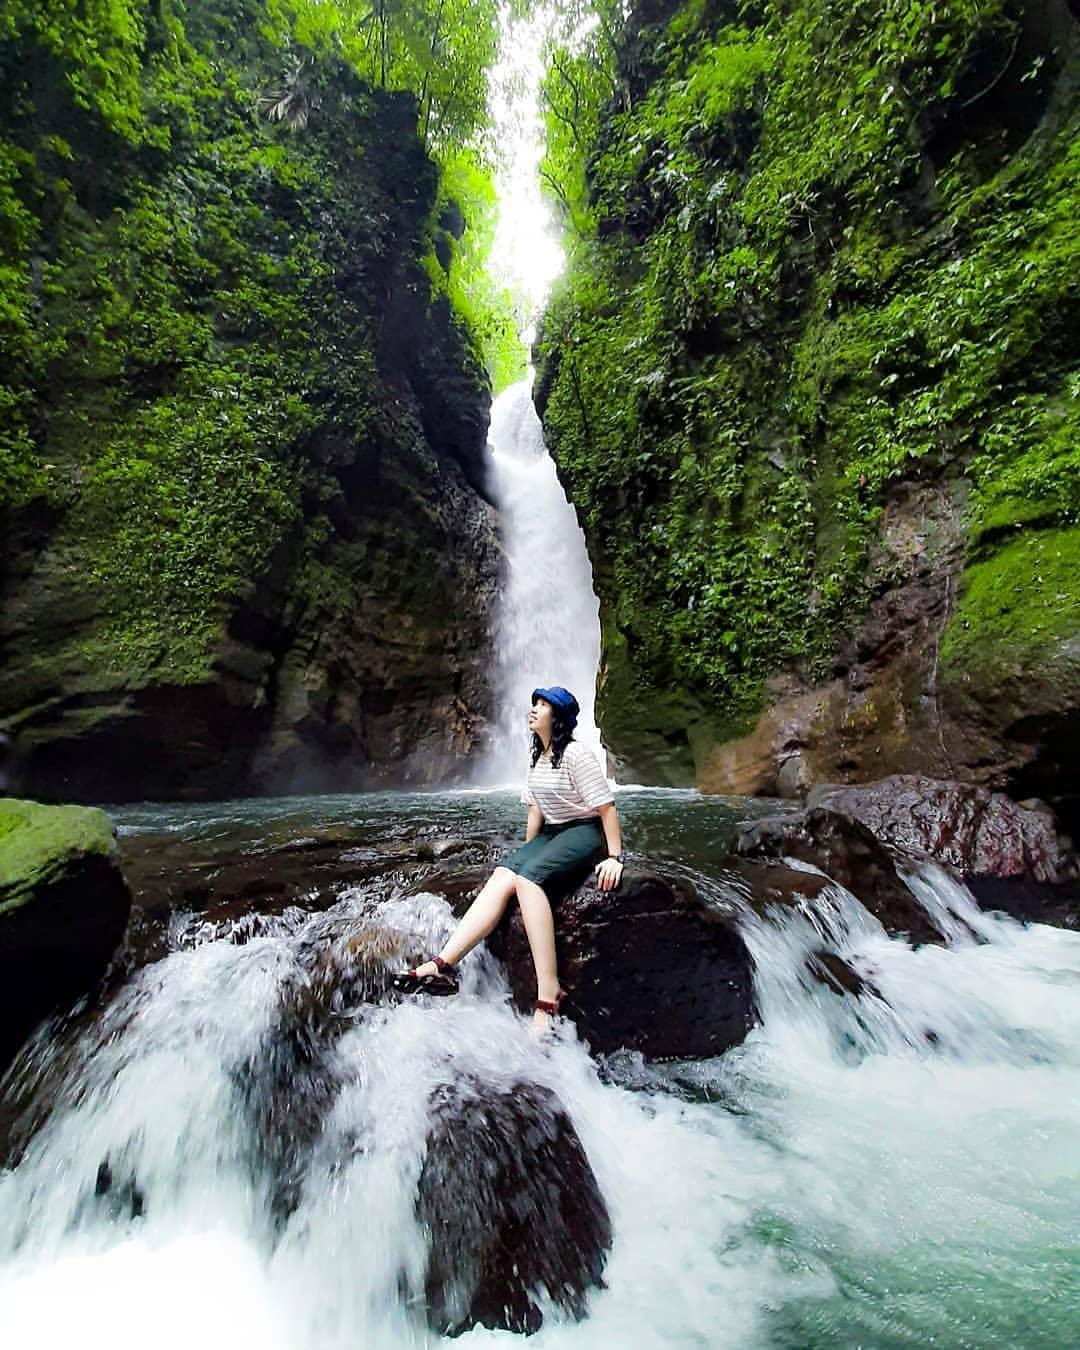 Bermain Air Di Curug Walet Bogor Image From @dede_ulut